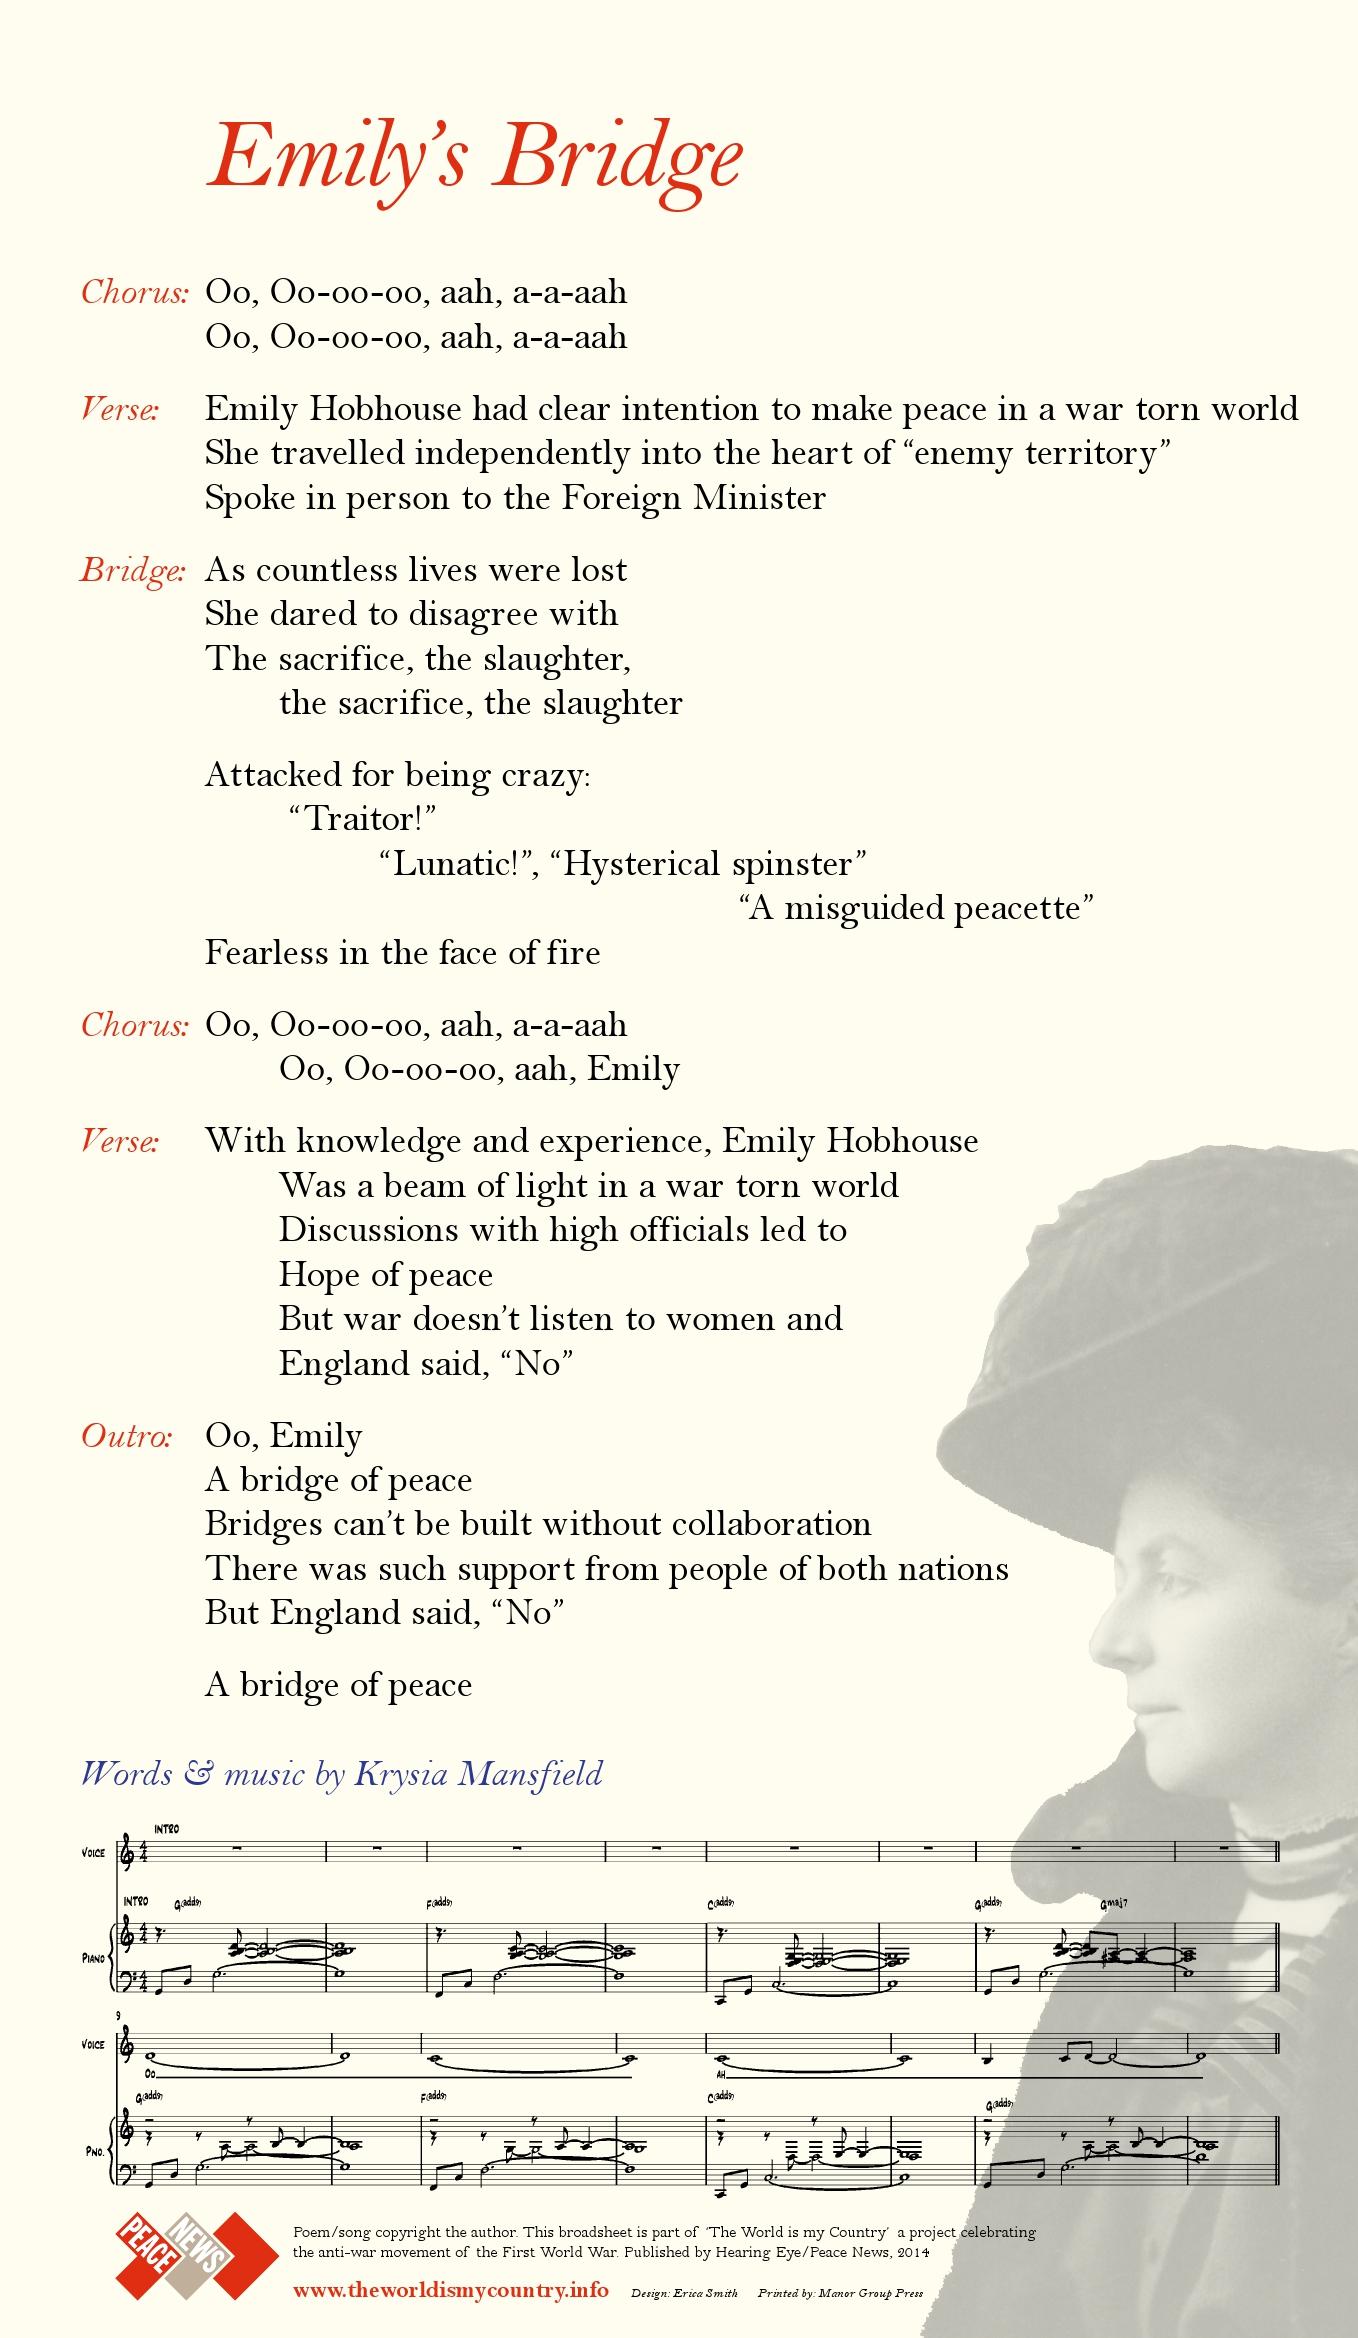 emily's_bridge